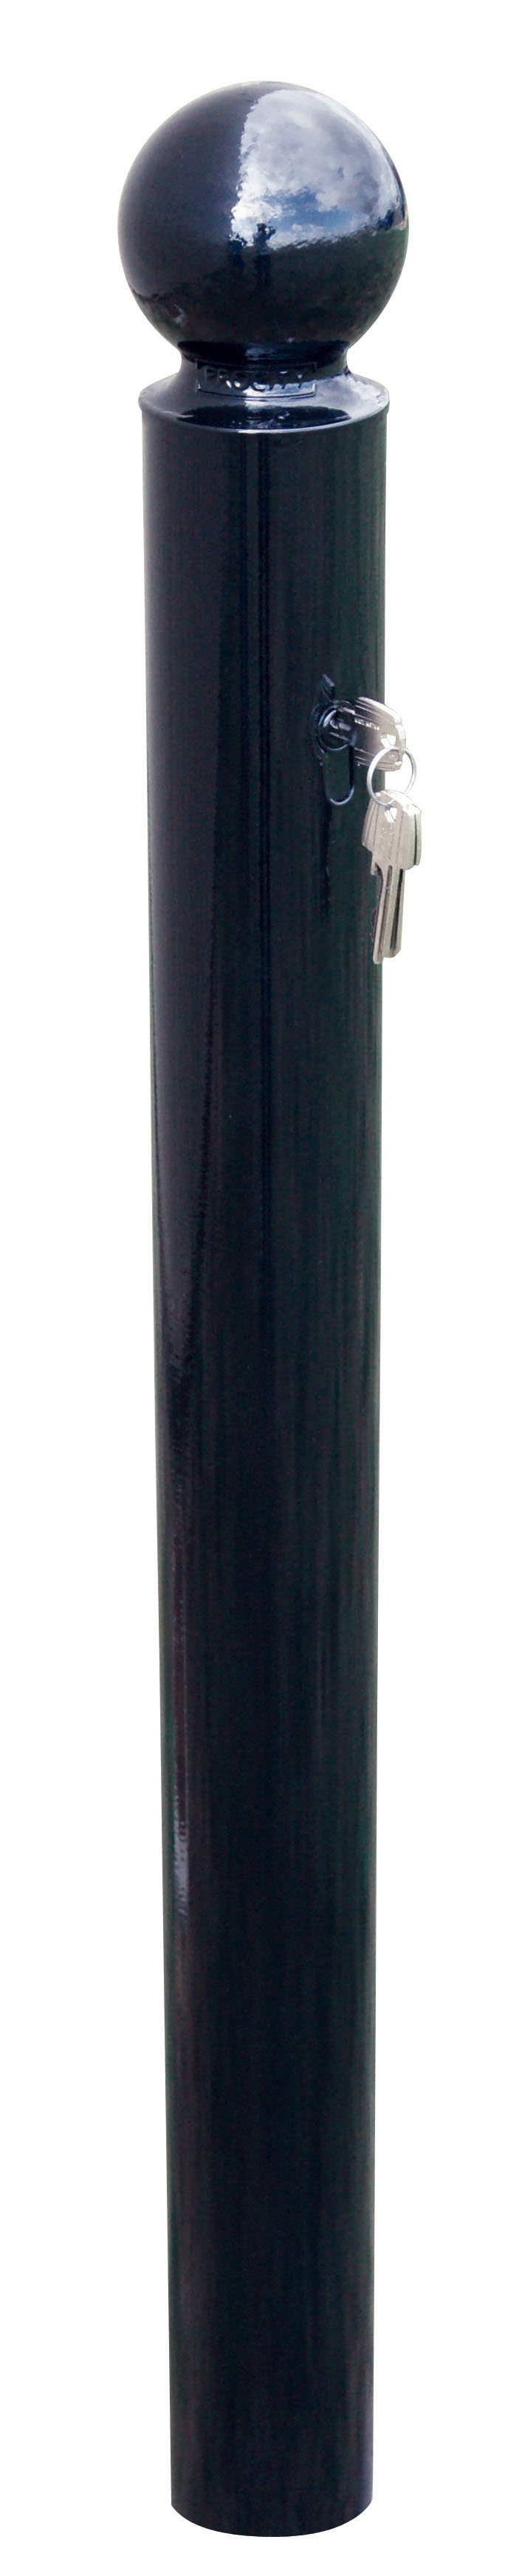 Herausnehmbar Pfosten Primabloc®  |ø 76 mm | 850 mm